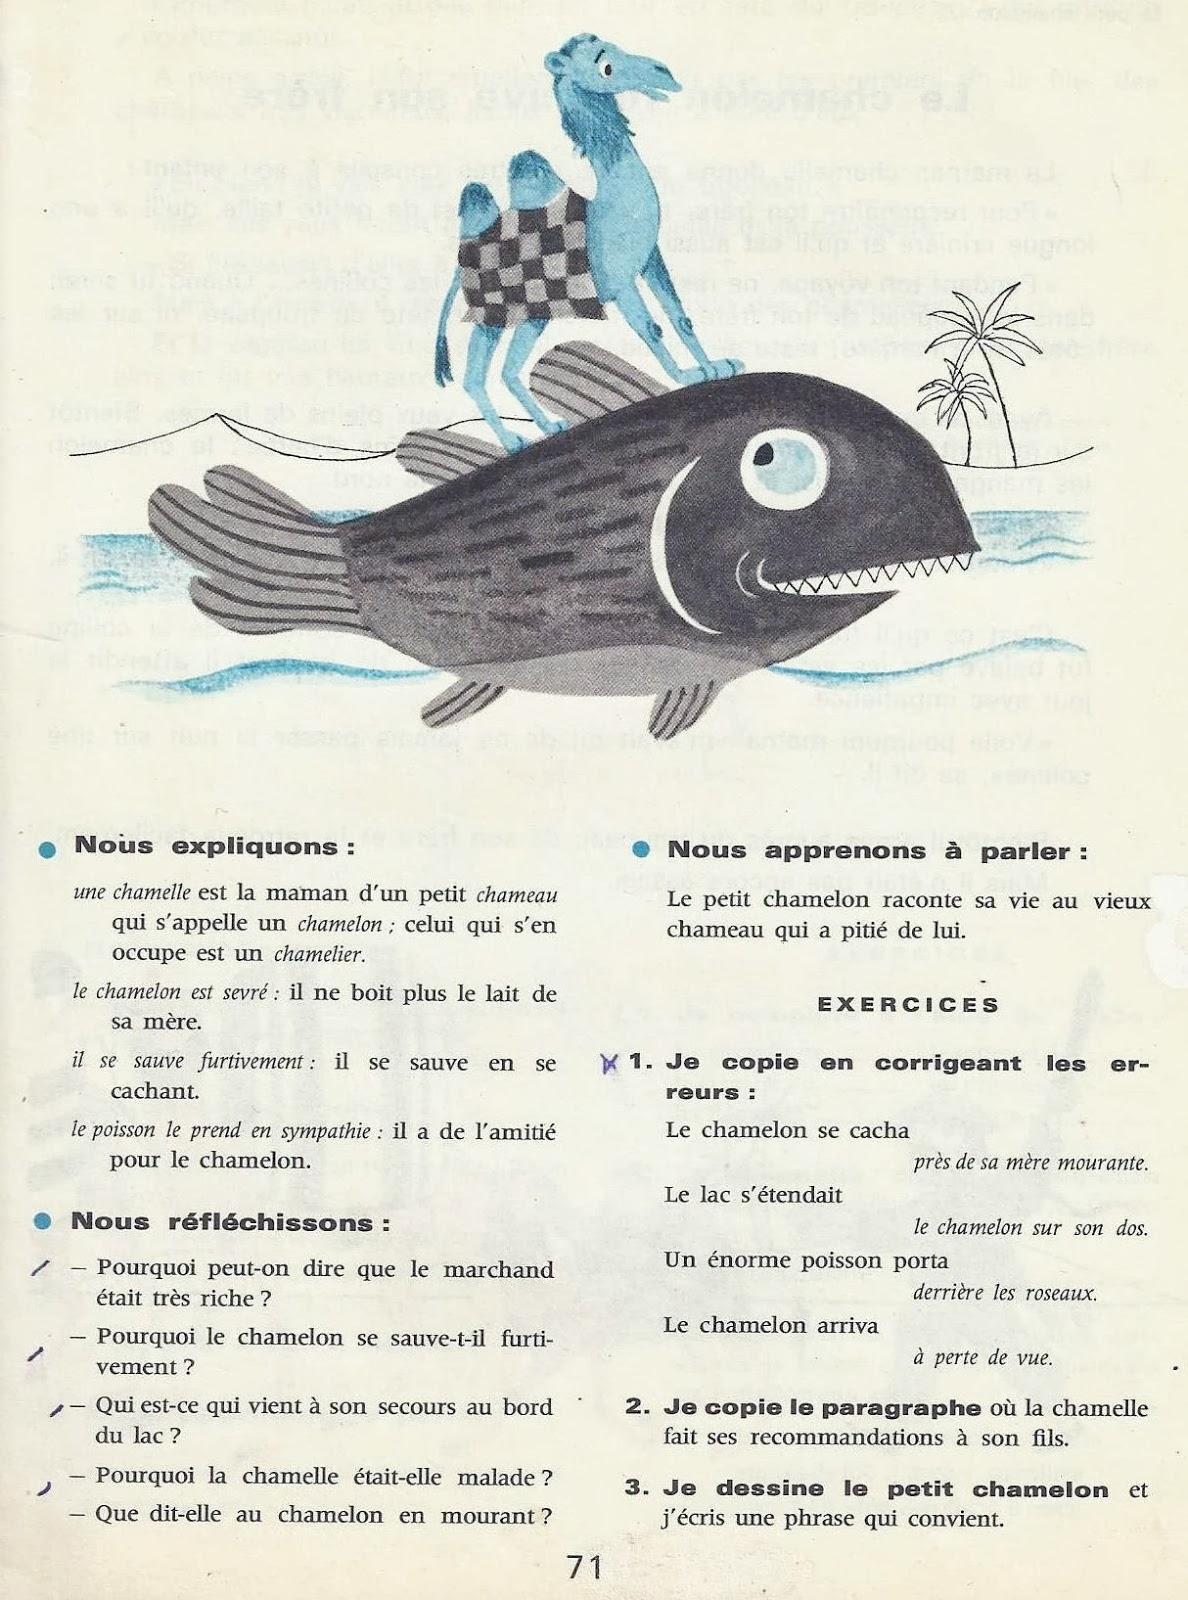 Manuels anciens mareuil goupil au pays des contes lectures pour le ce2 - Ecolier dans la lune ...